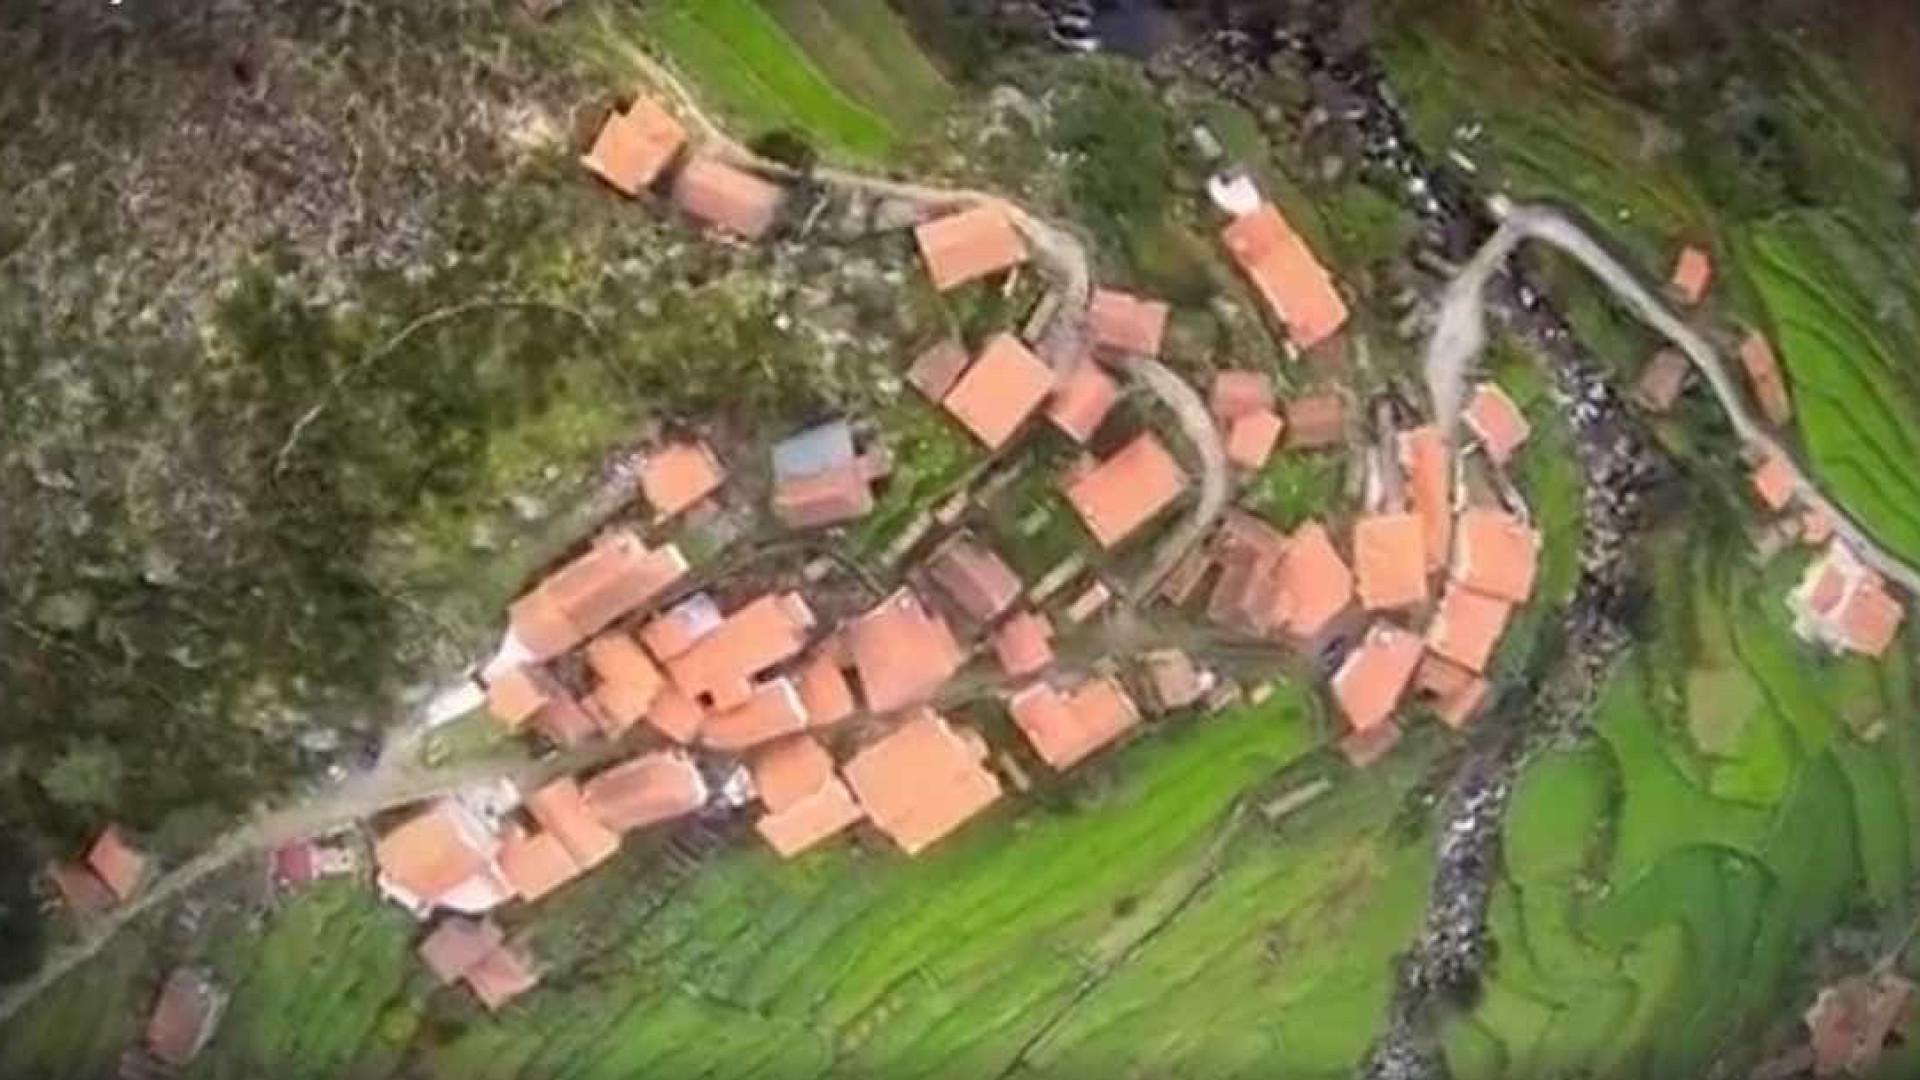 Empresas Em Arcos De Valdevez arcos de valdevez lança vídeo para promover aldeia de sistelo